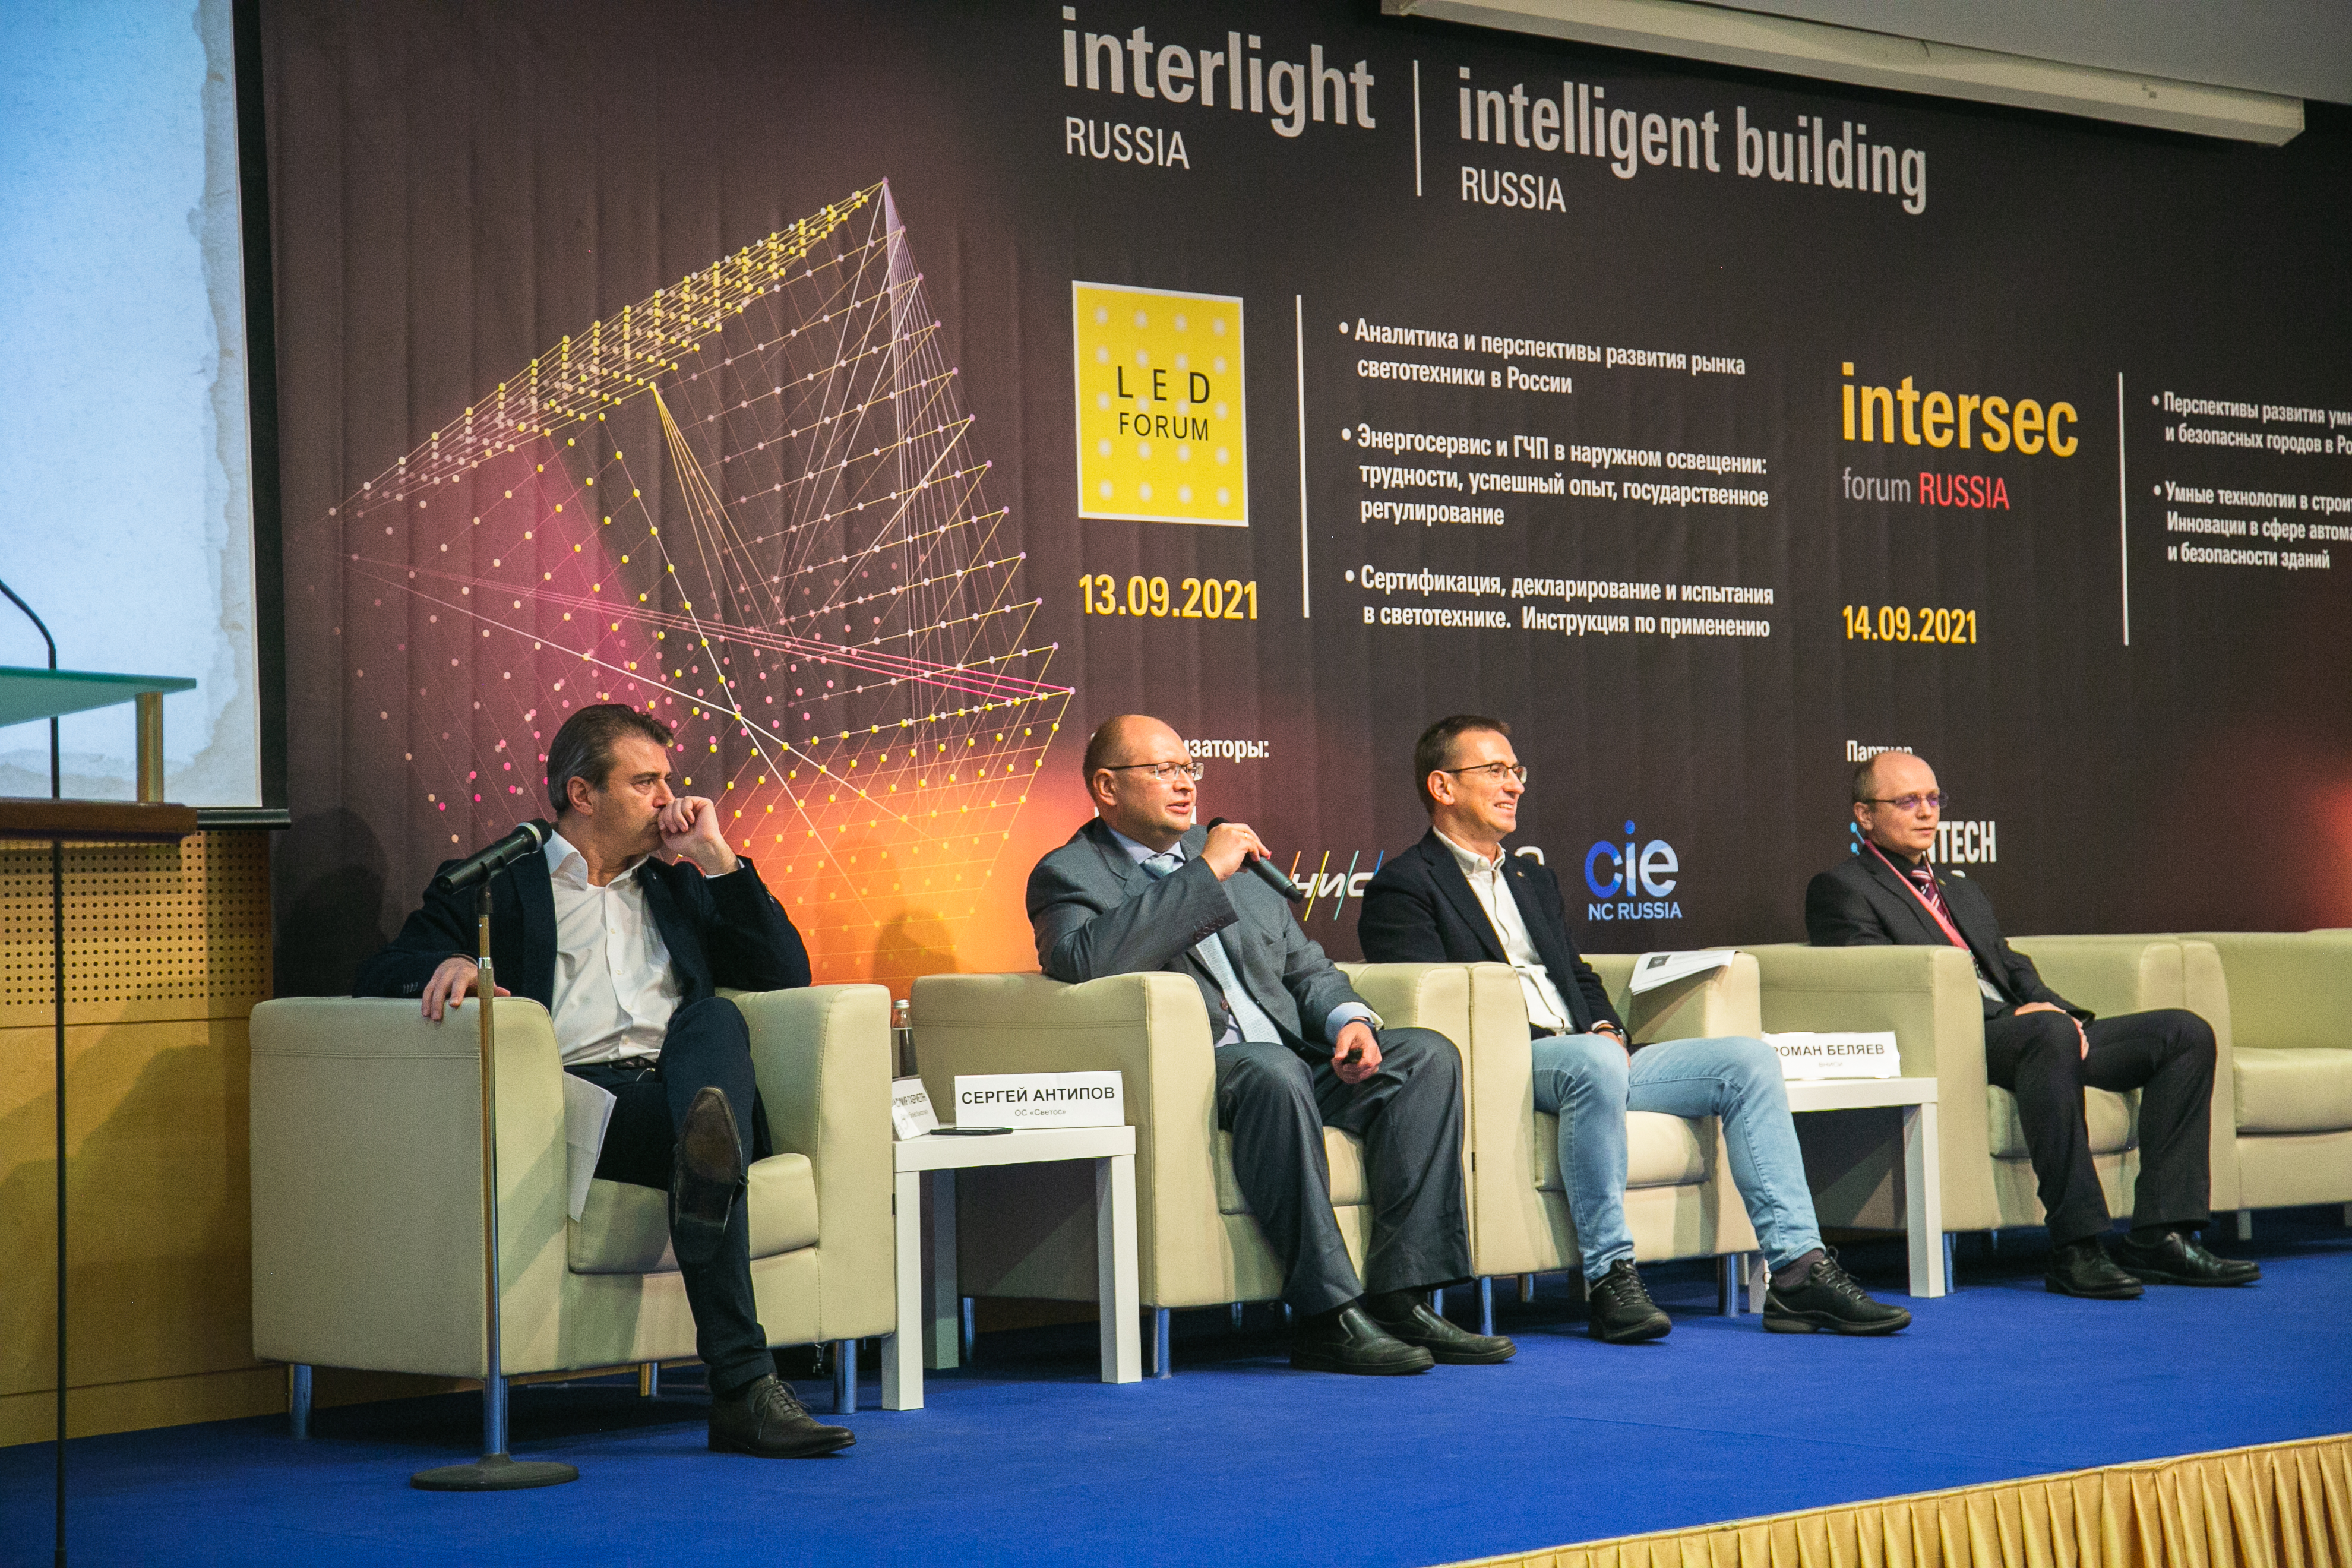 Это было легендарно: долгожданная выставка Interlight Russia | Intelligentbuilding Russia